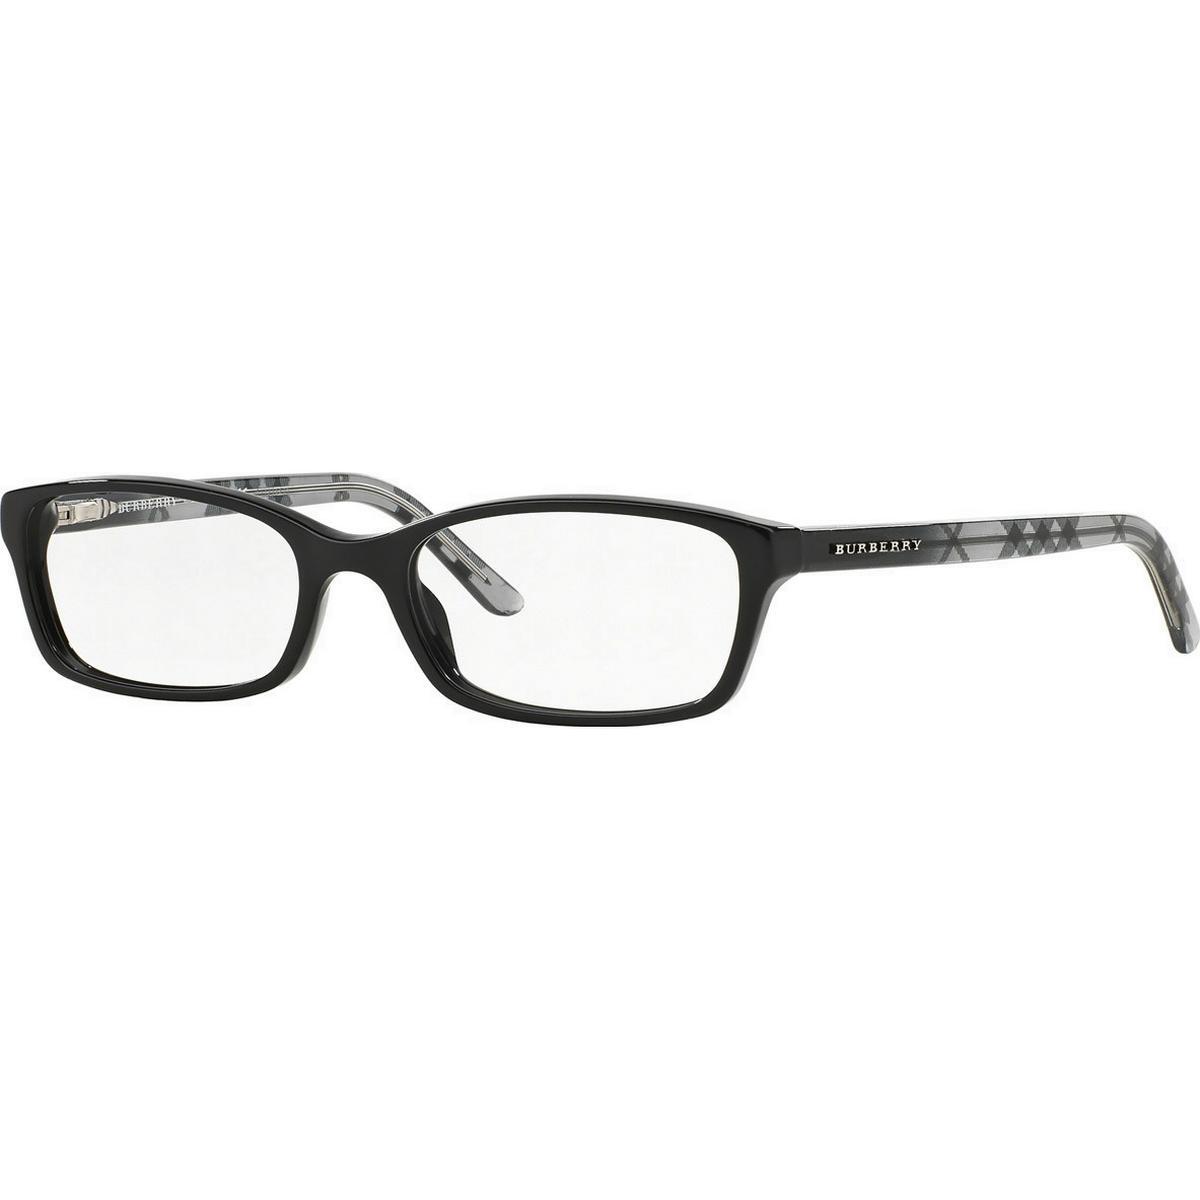 630b3e88e198 Burberry Briller - Sammenlign priser hos PriceRunner